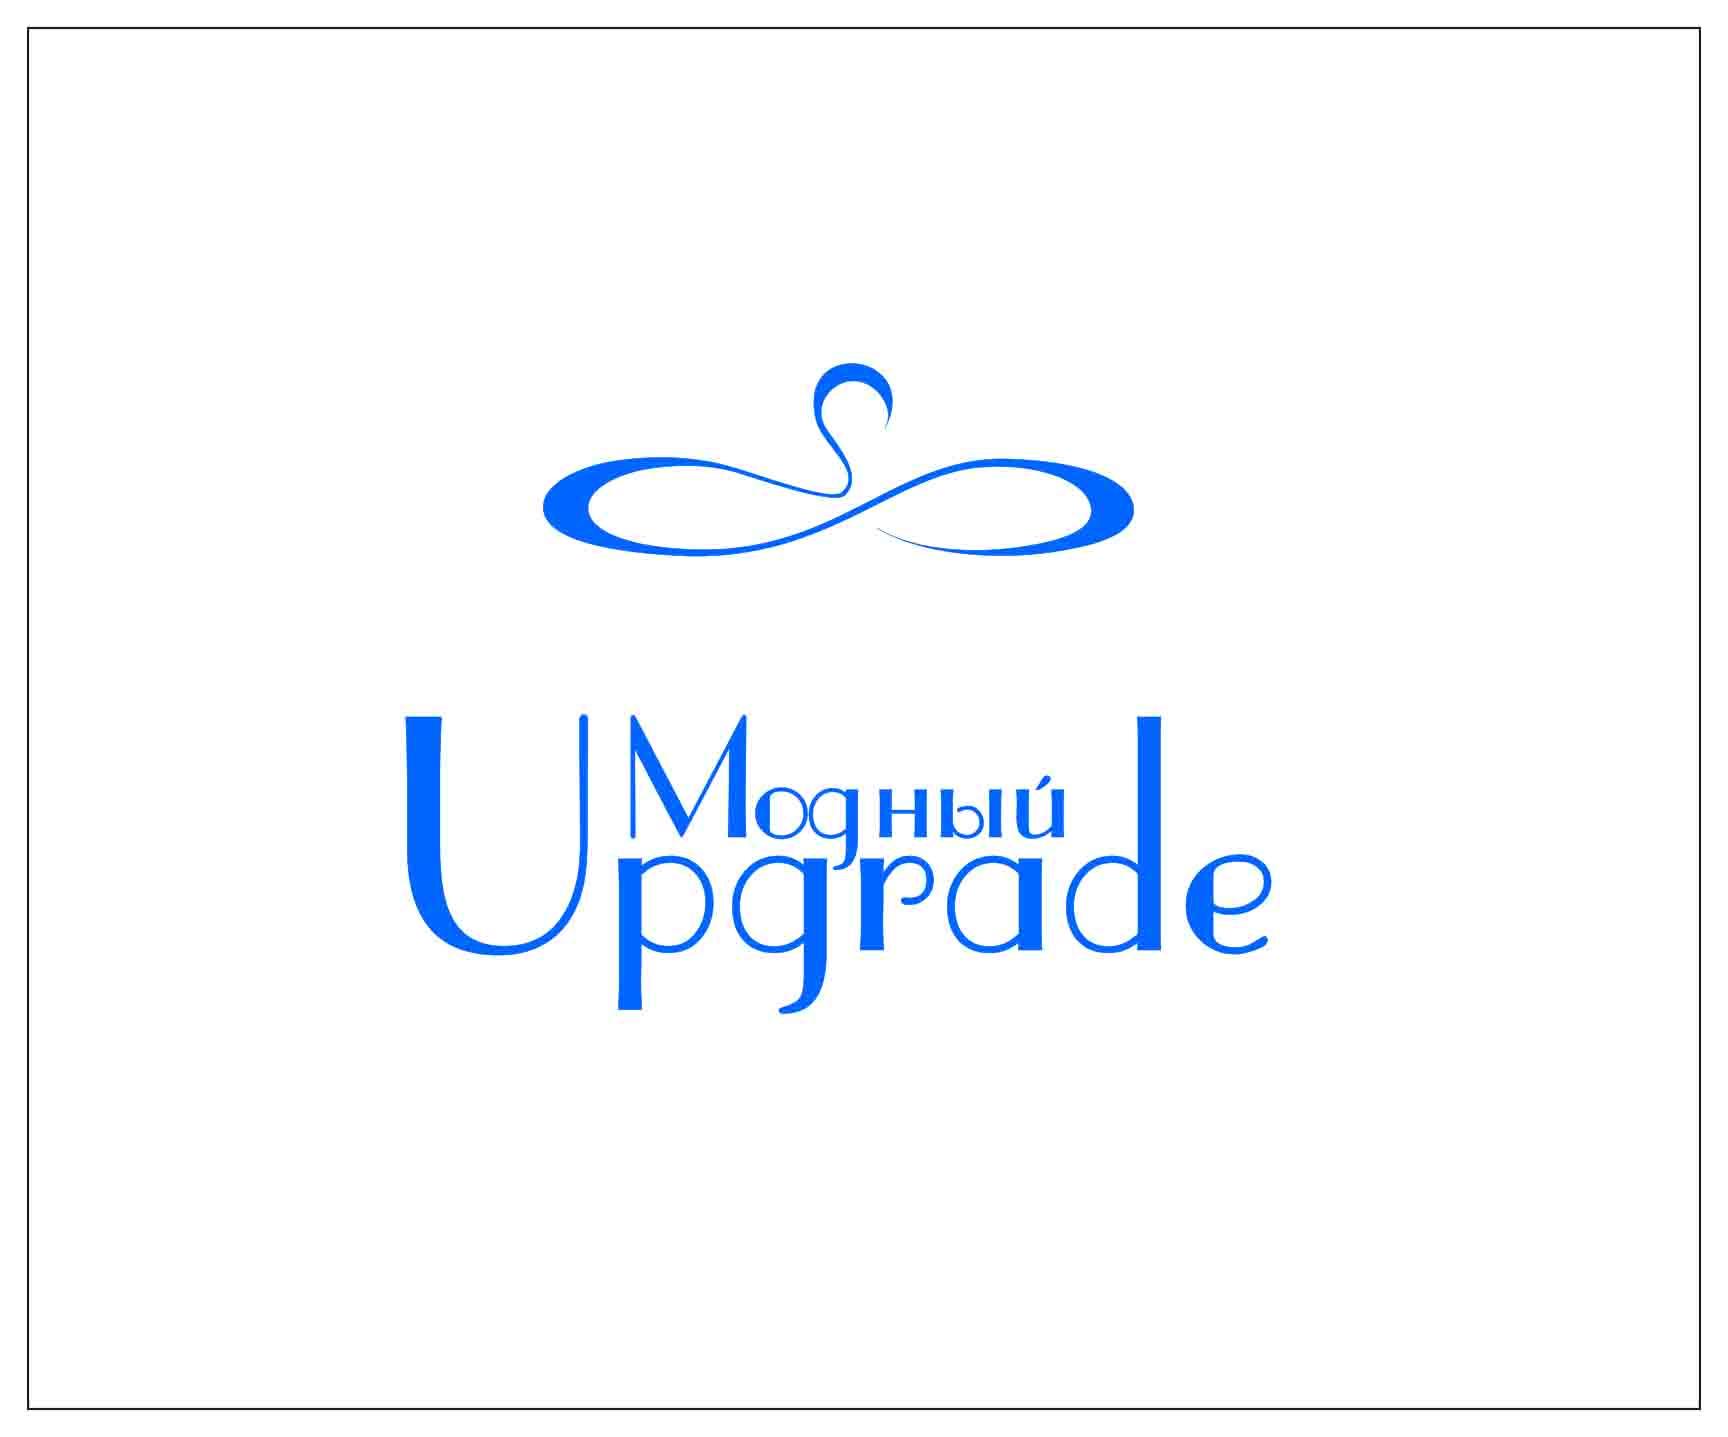 """Логотип интернет магазина """"Модный UPGRADE"""" фото f_55959439e2e06ead.jpg"""